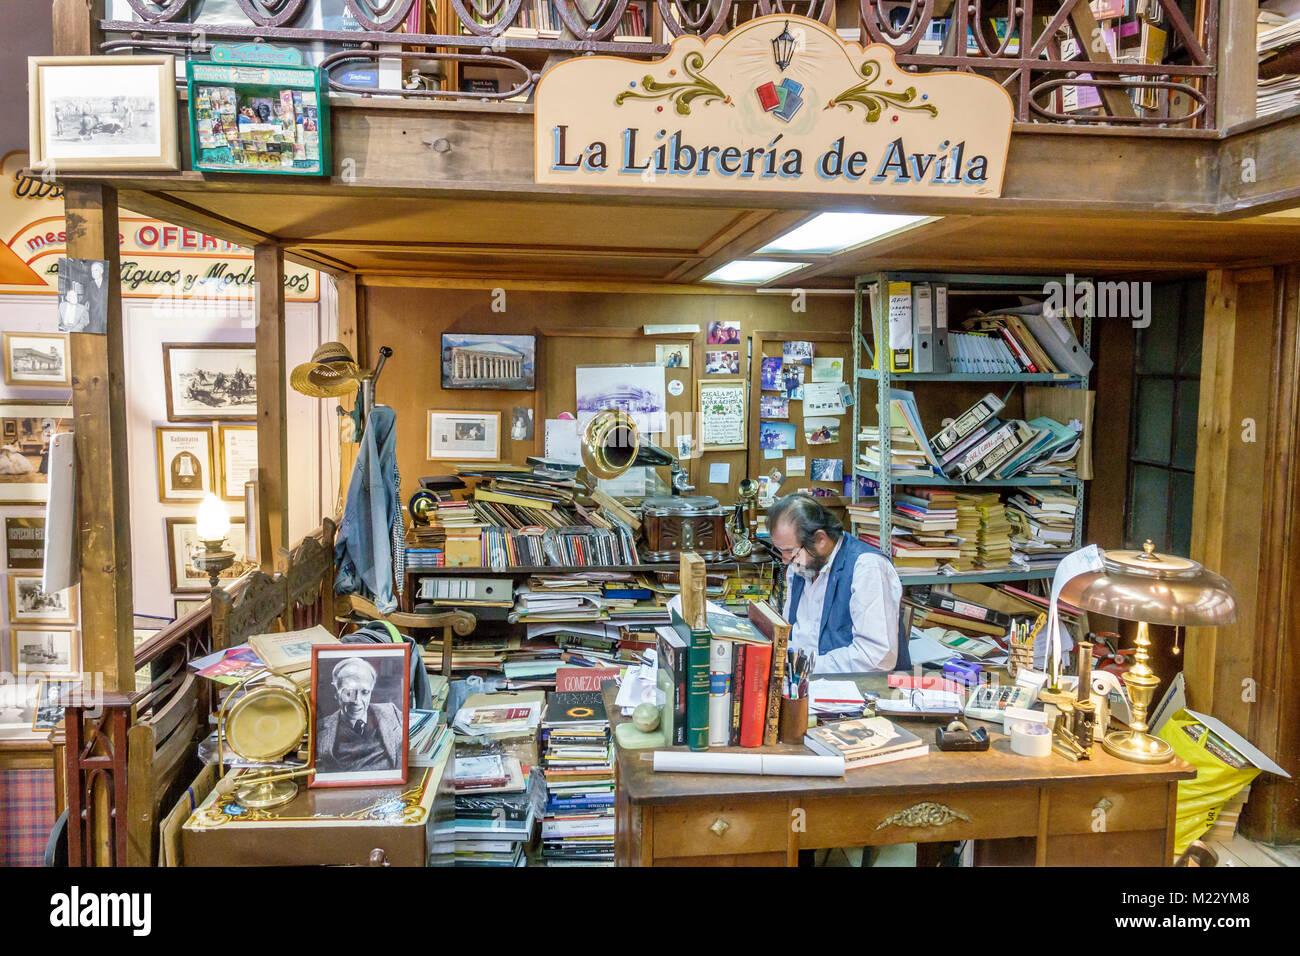 Buenos Aires Argentina historic center La Libreria de Avila interior books bookstore sale used books antiques rare - Stock Image